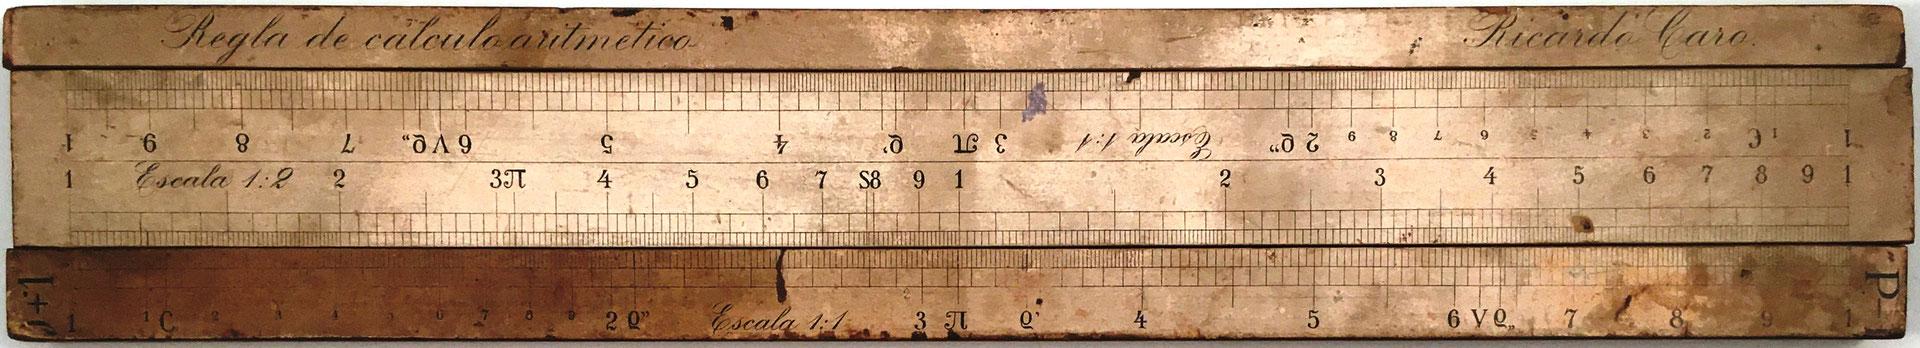 Regla de cálculo aritmético R. CARO, escala 1:2 (cuadrados) frente a la escala 1:1 (números)